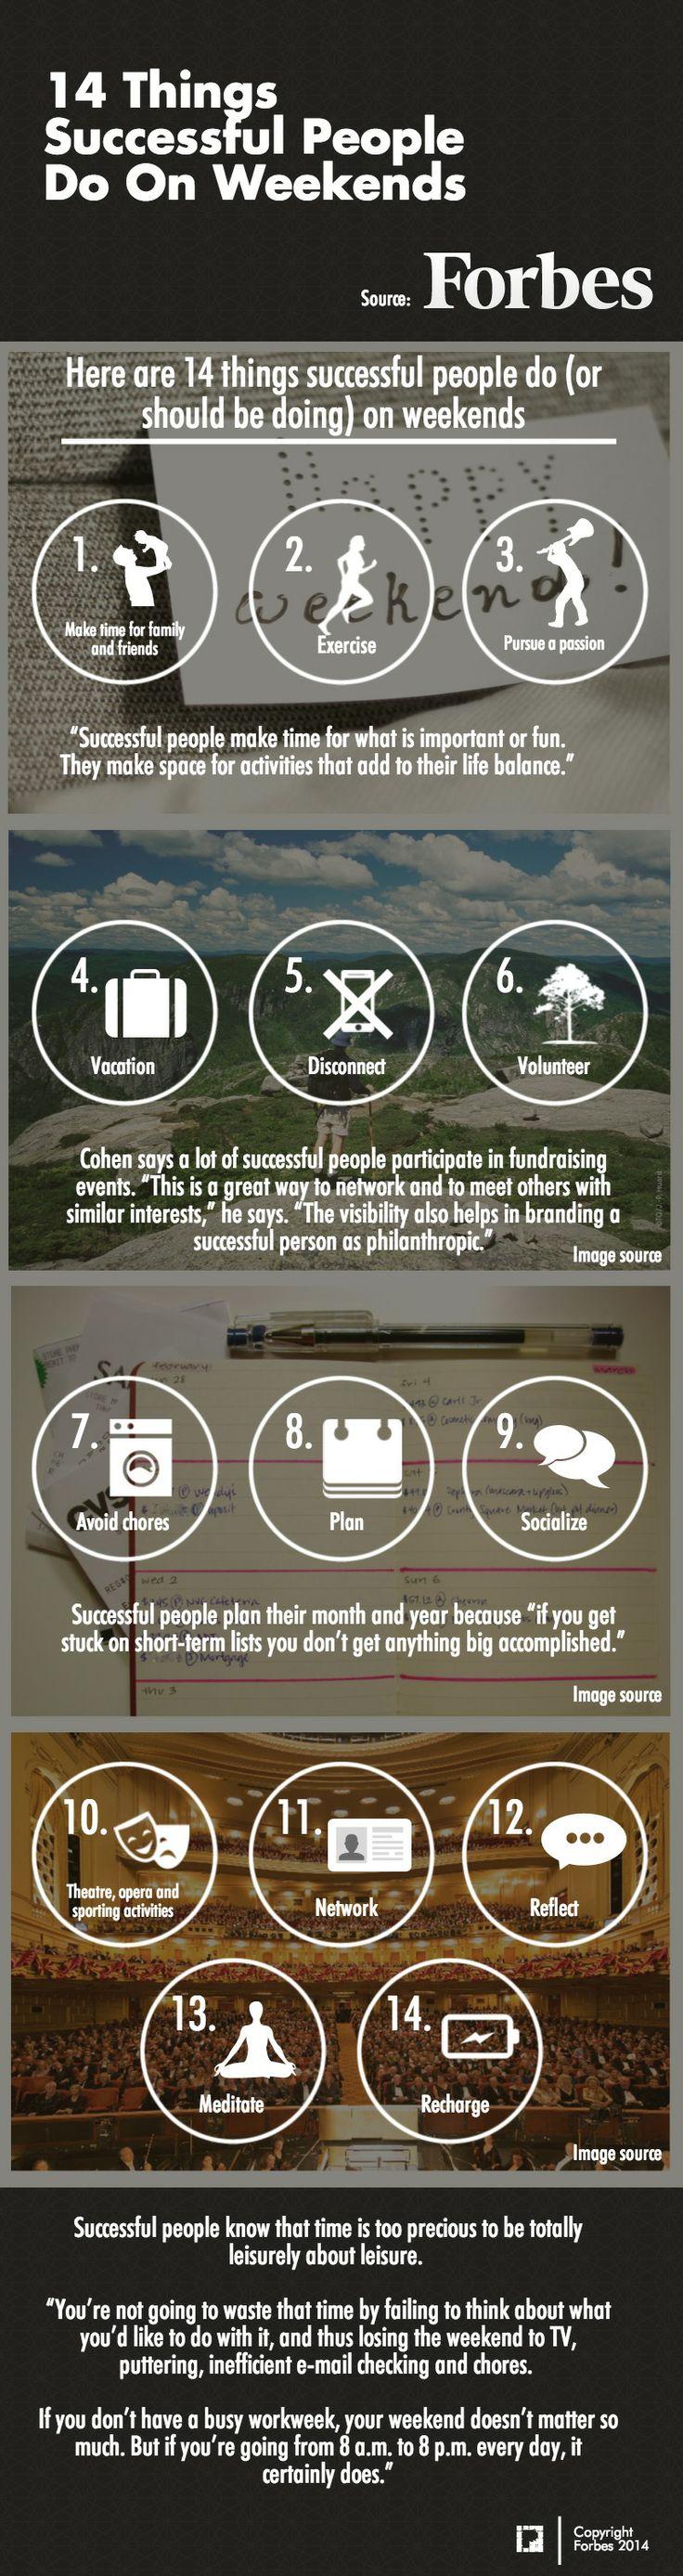 basarili_insanlarin_hafta_sonu_aliskanliklari_forbes_infografik